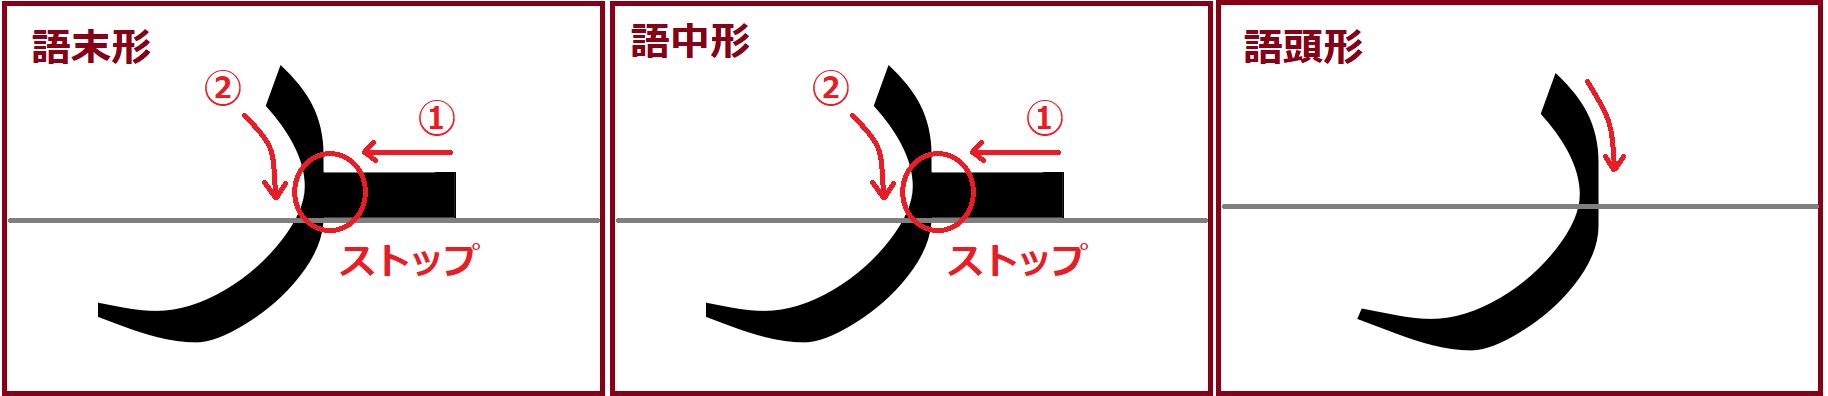 ラー語頭・語中・語末形